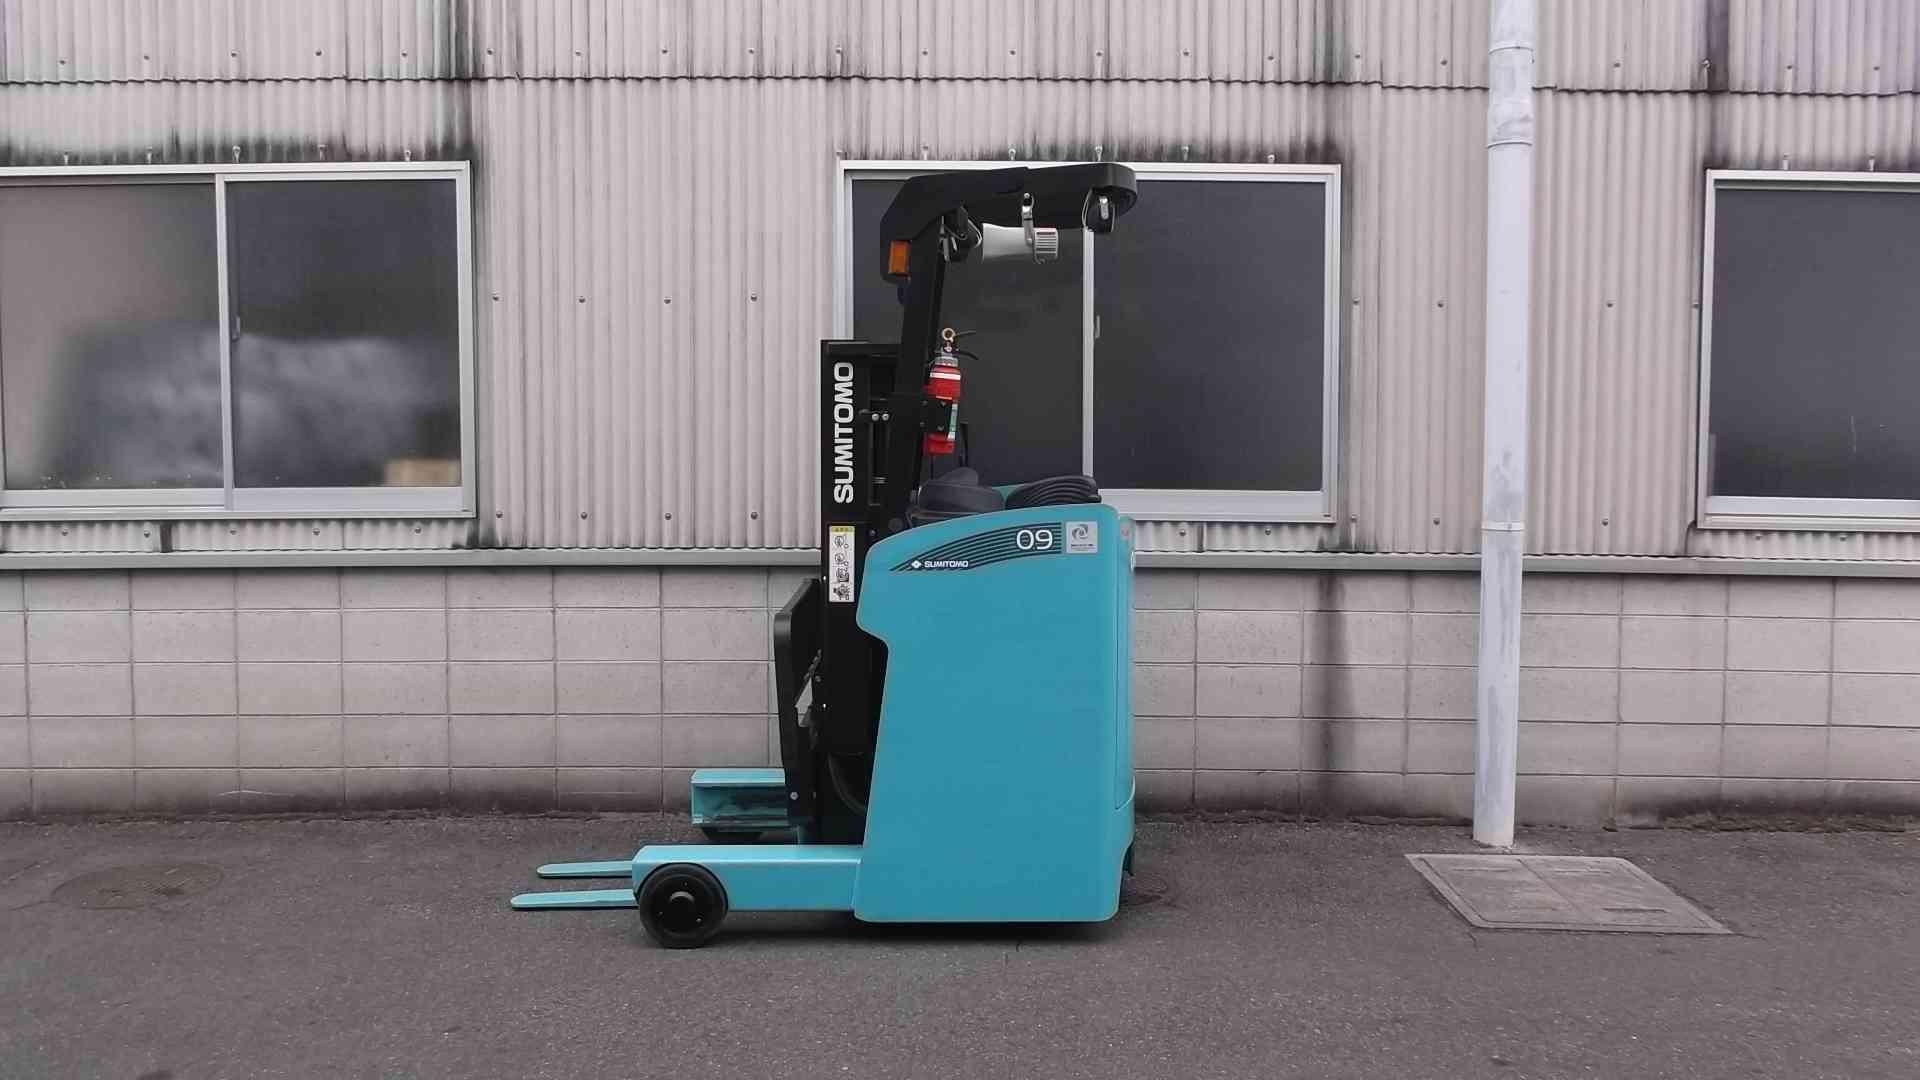 フジ自動車 スミトモ 61FBR09SXⅡ バッテリーリーチ フォークリフト reach forklift used sumitomo yuasabattery